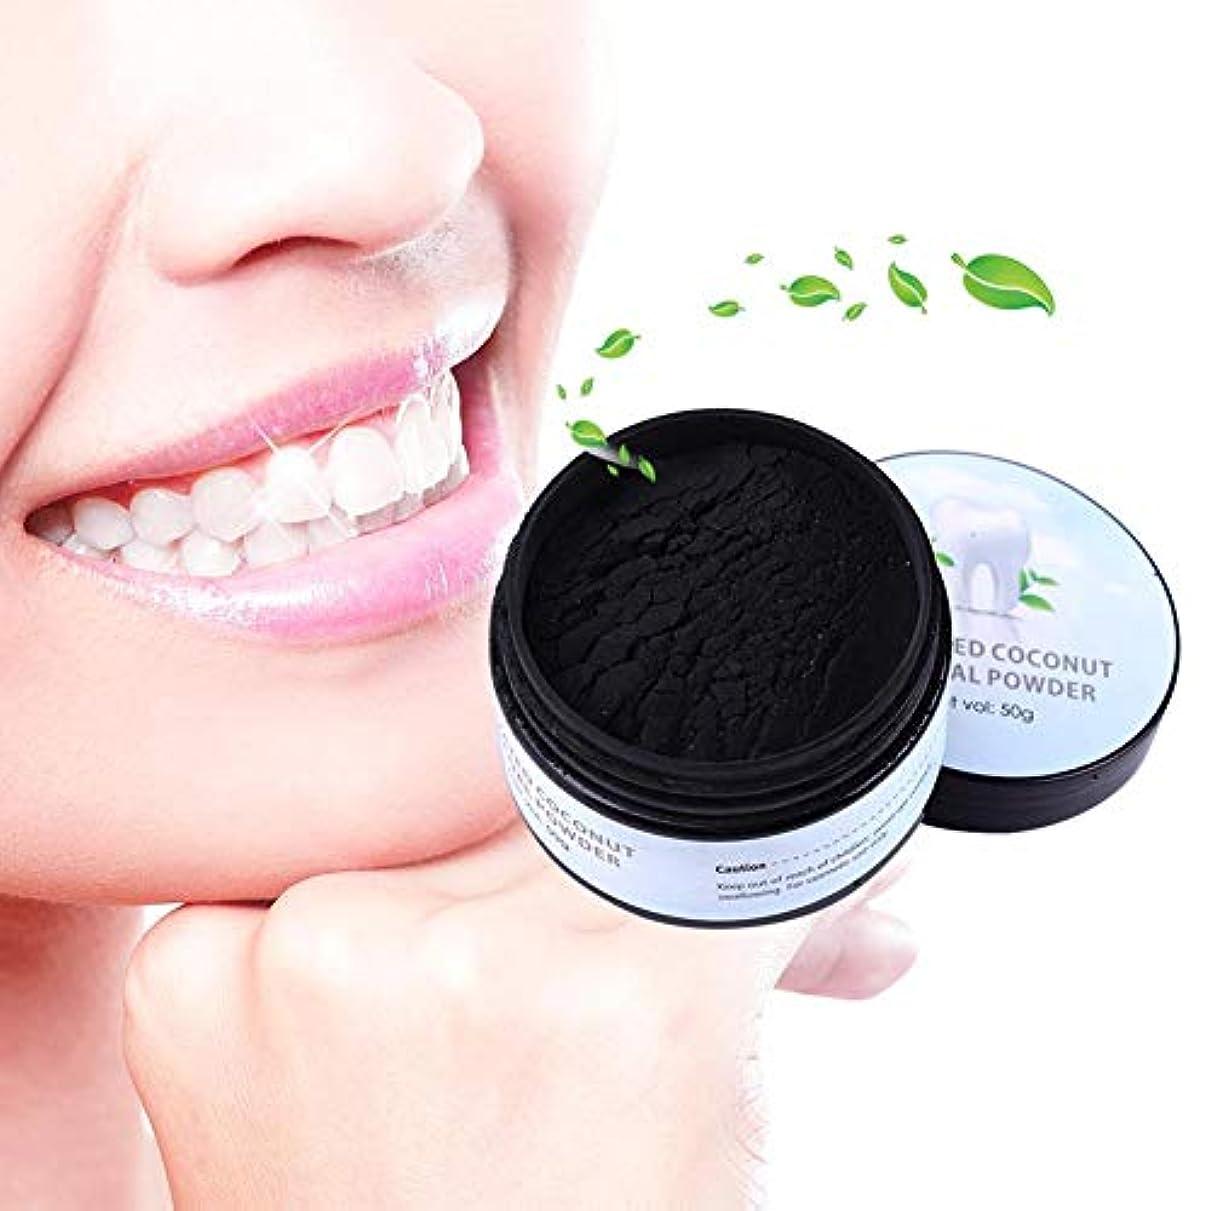 信じられない心理的アセンブリLUHUN 口の健康のための粉のココナッツ貝の歯の粉の歯を白くする50g黒の自然な歯はエナメルのために証明された金庫